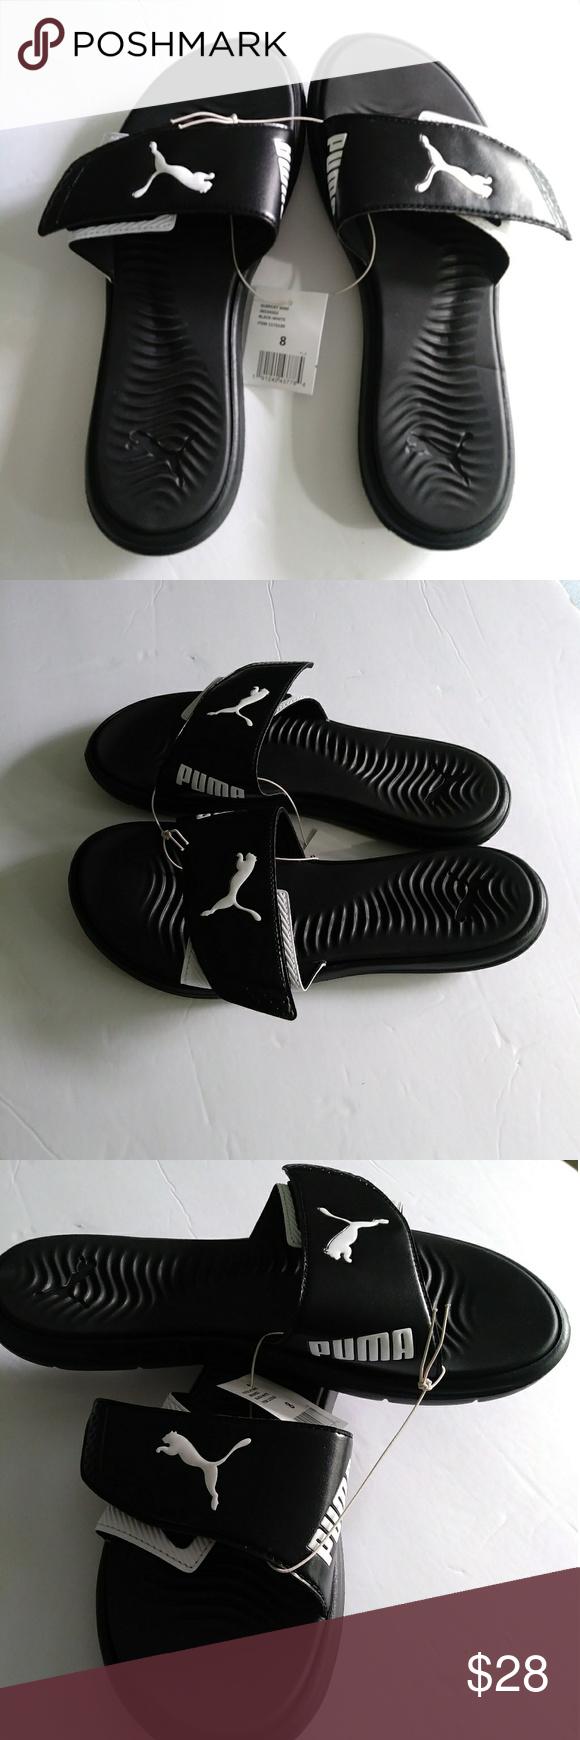 f37fe80982de Puma Women s Surfcat Slide Slip On Sandals size 9 New Puma Women s Surfcat  Adjustable Strap White Black Sandals -Brand  Puma -Size  9 -Color  Black  White ...